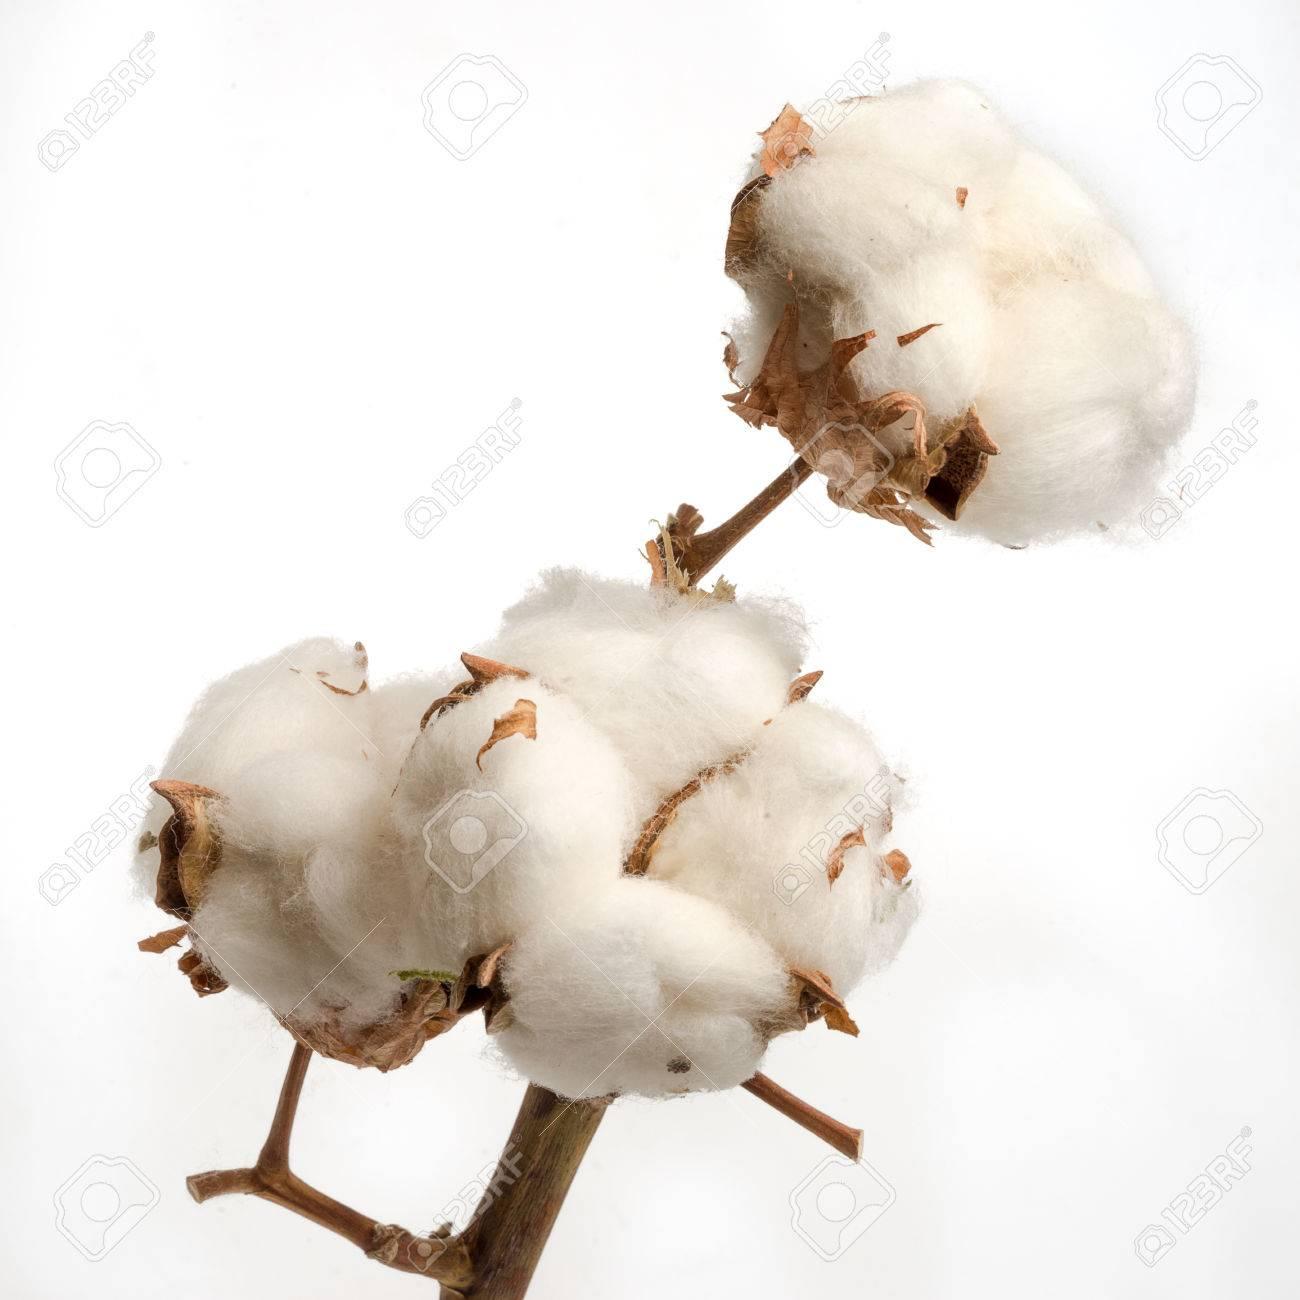 Branche Fleur De Coton branche de fleurs séchées coton plante isolé sur fond blanc